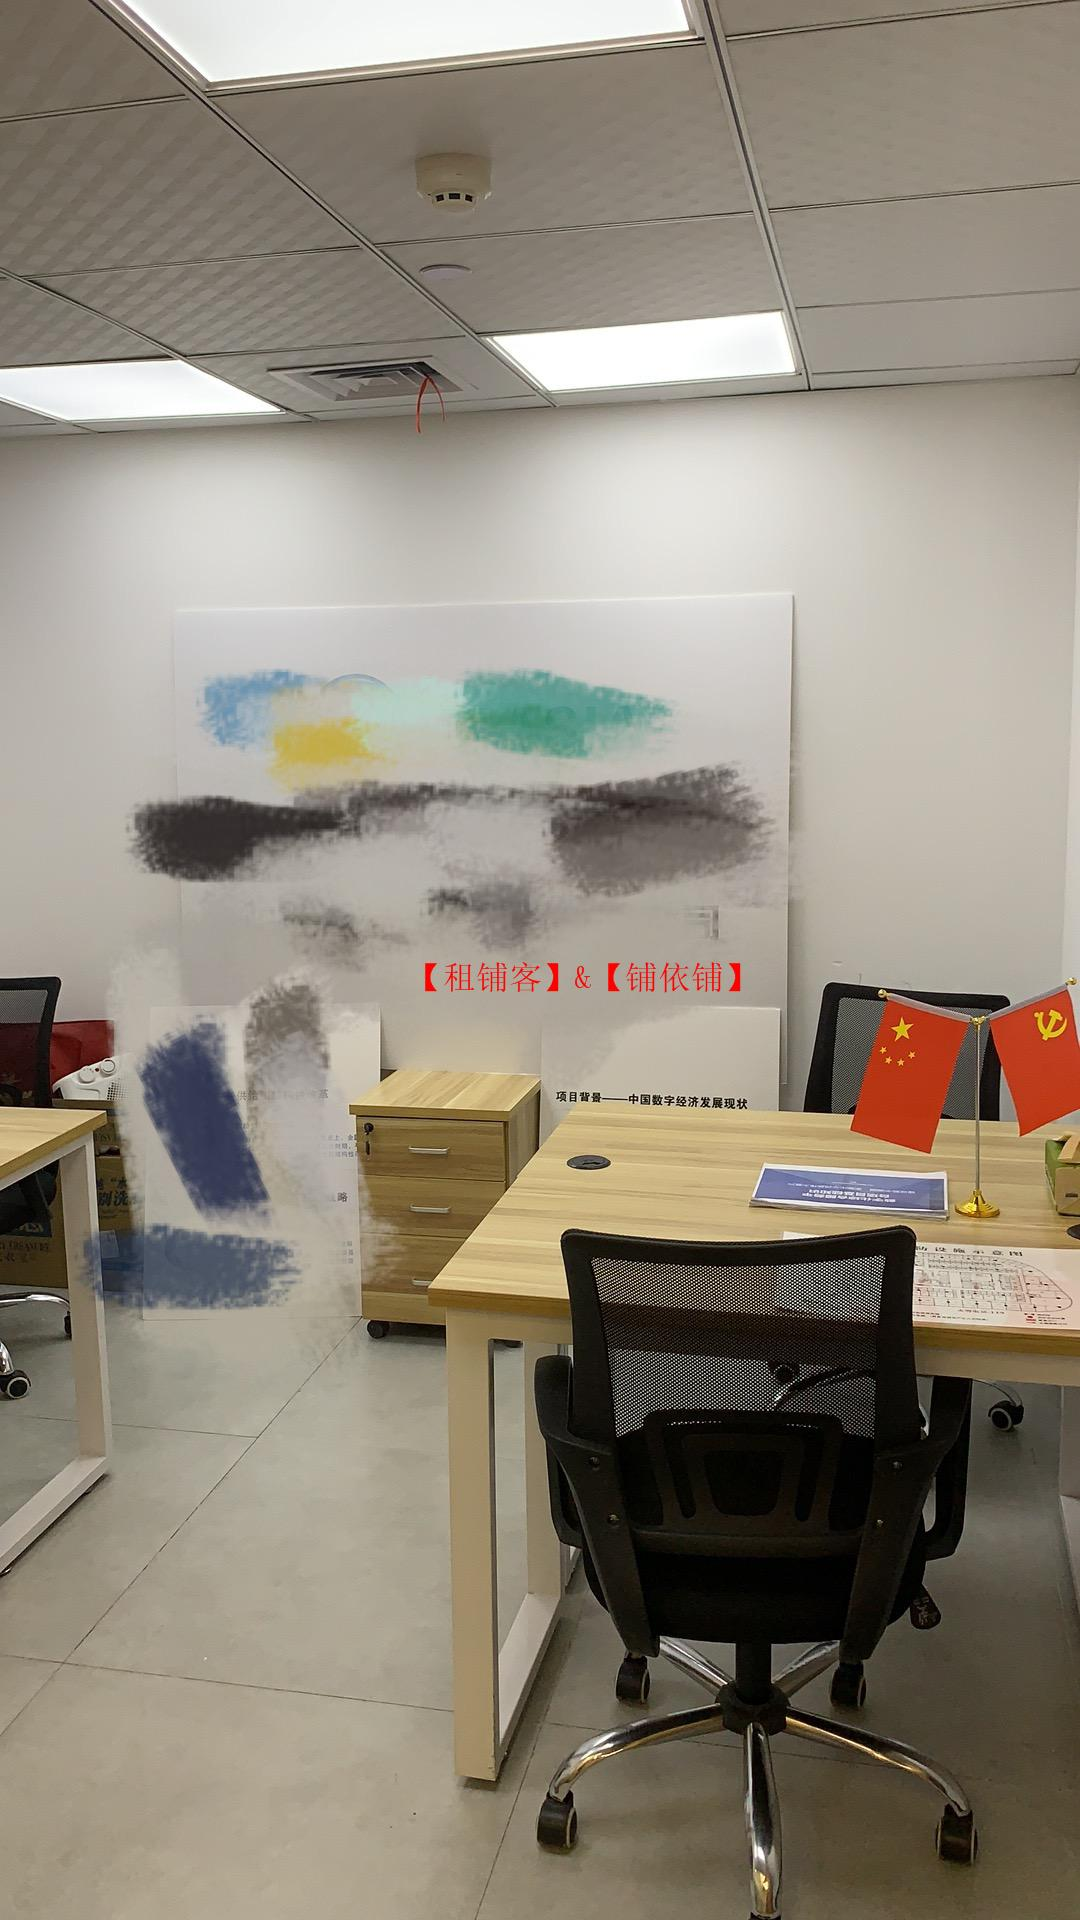 新天地商务中心精装写字楼年底特惠,配置齐全,拎包办公